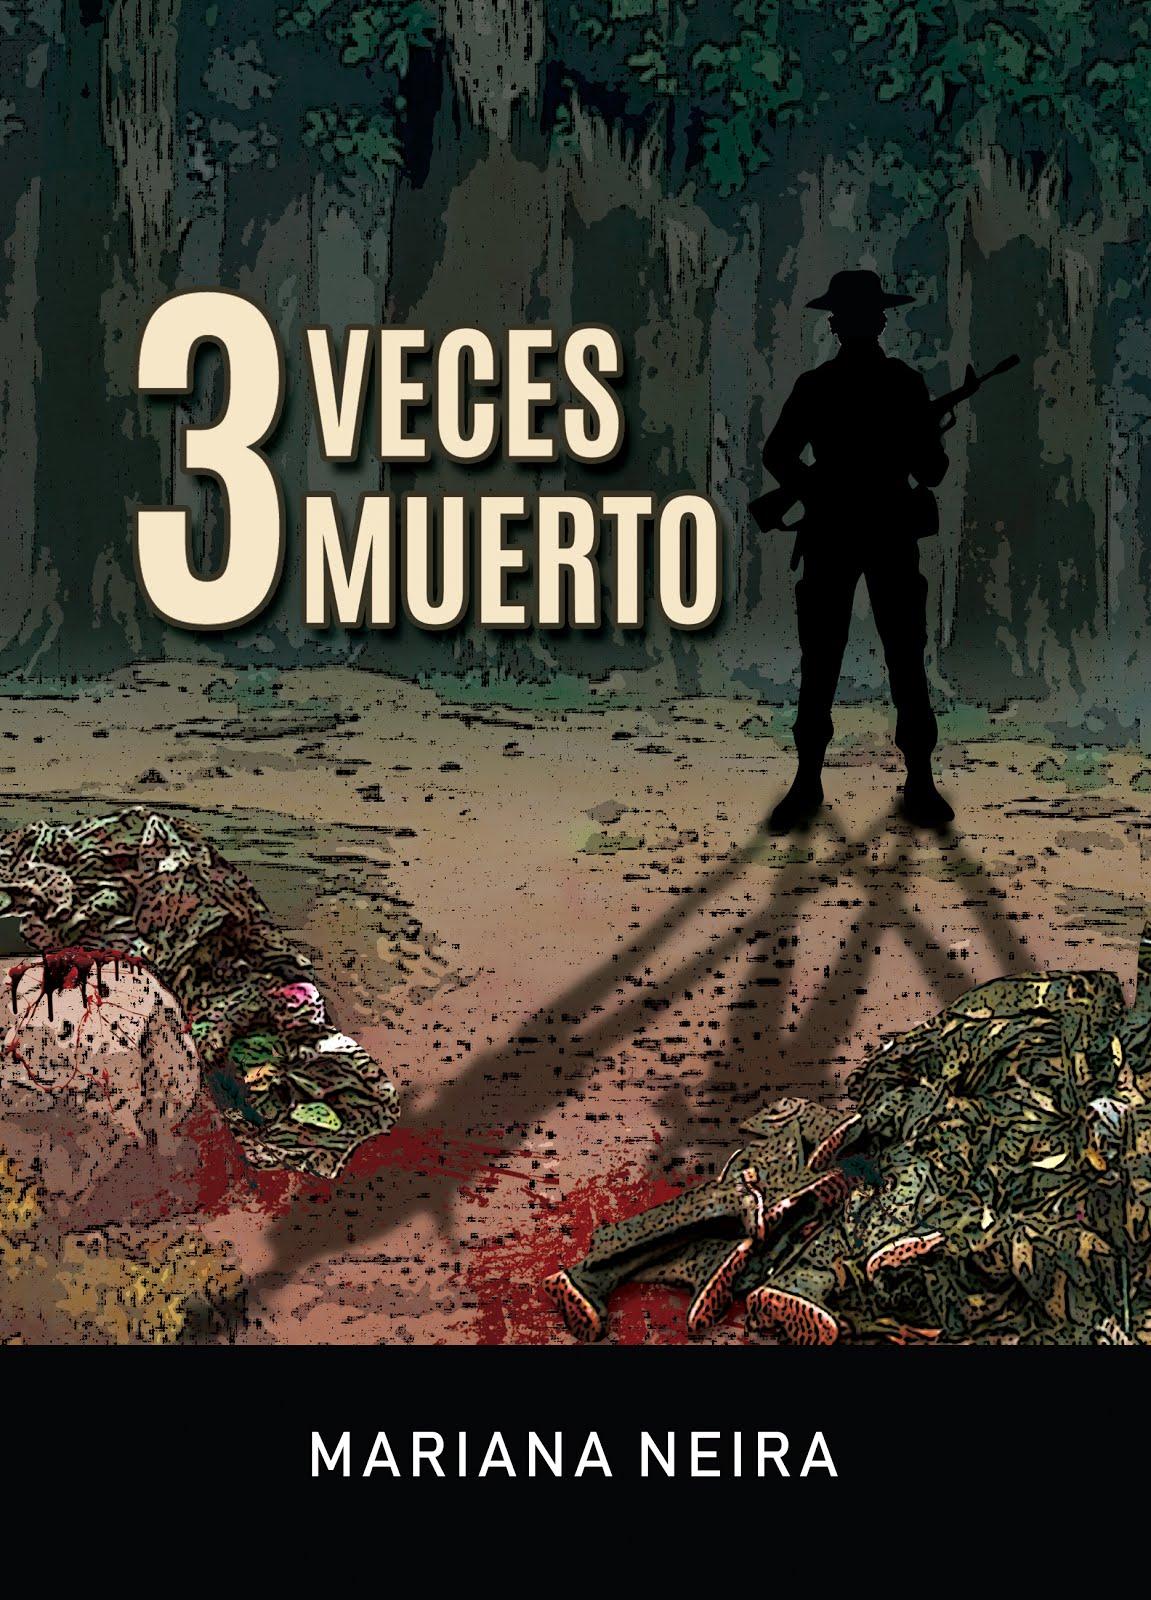 3 VECES MUERTO